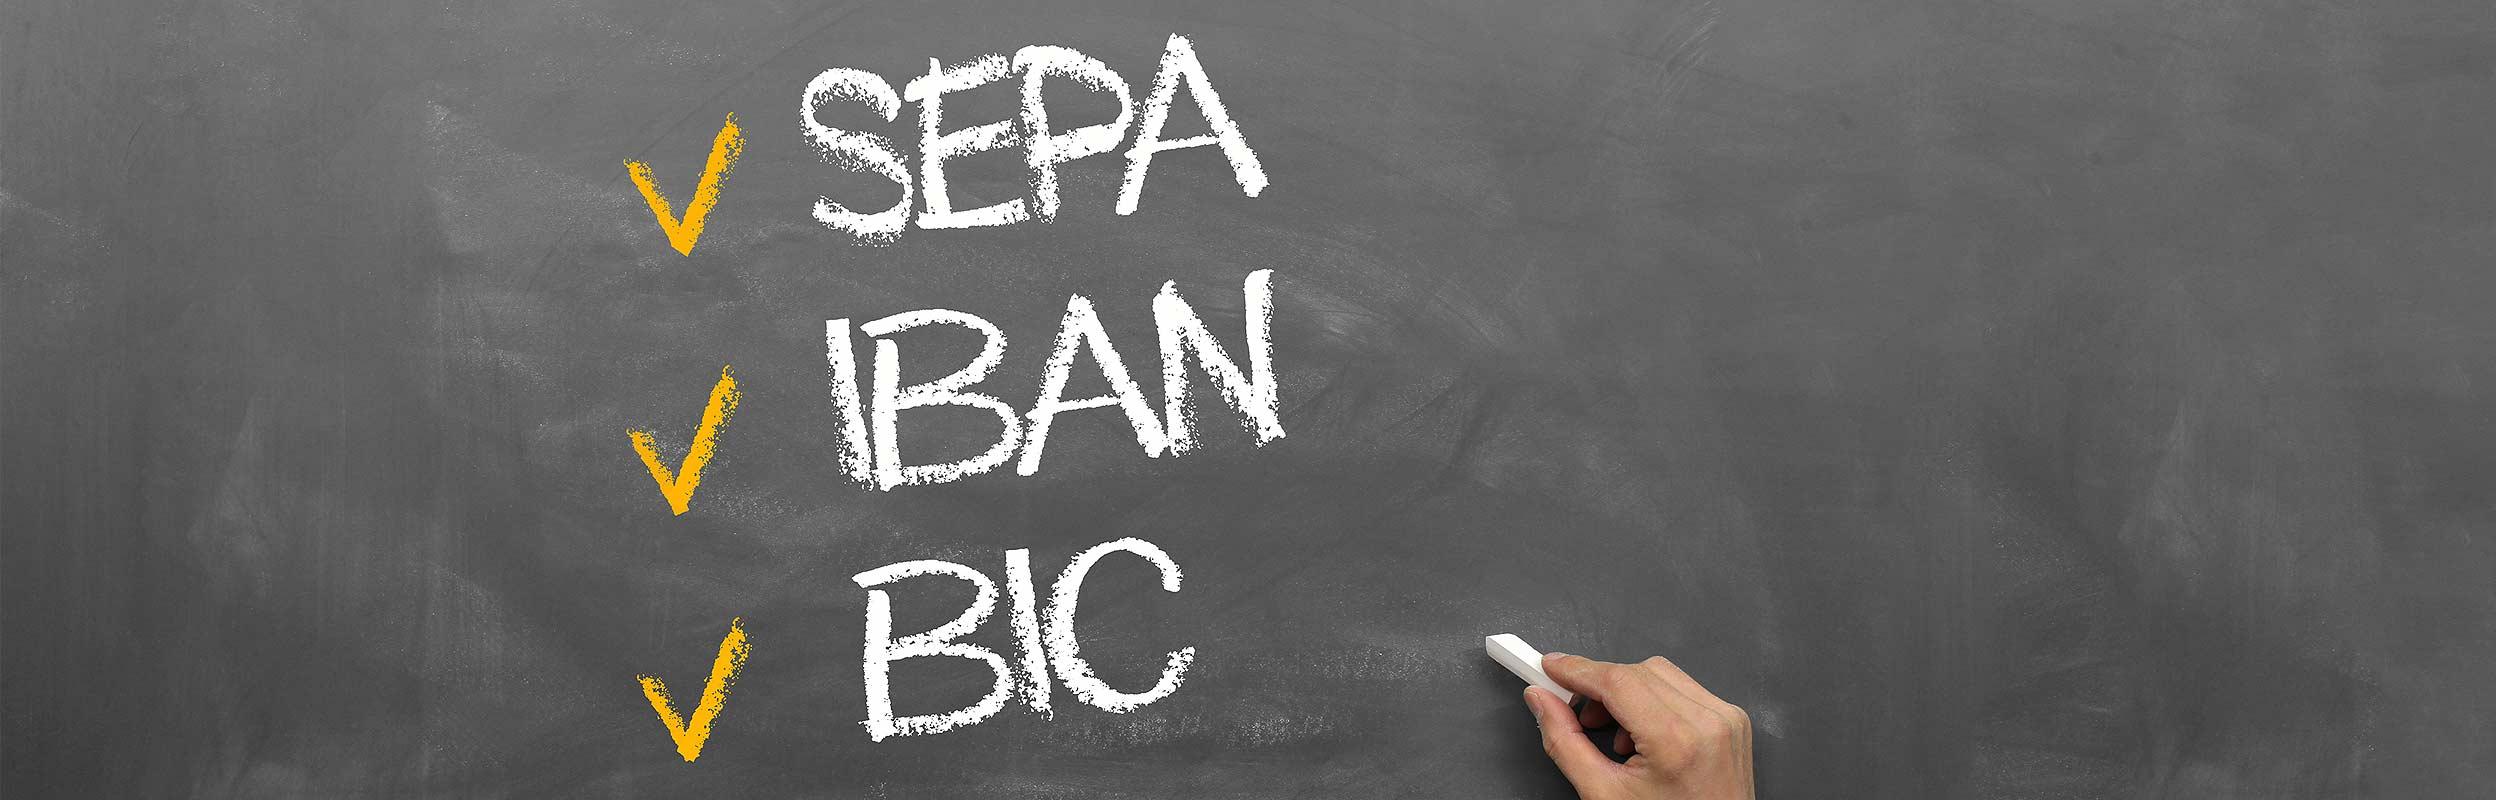 Virements L Identification Iban Et Bic Dossier Cic Entreprises